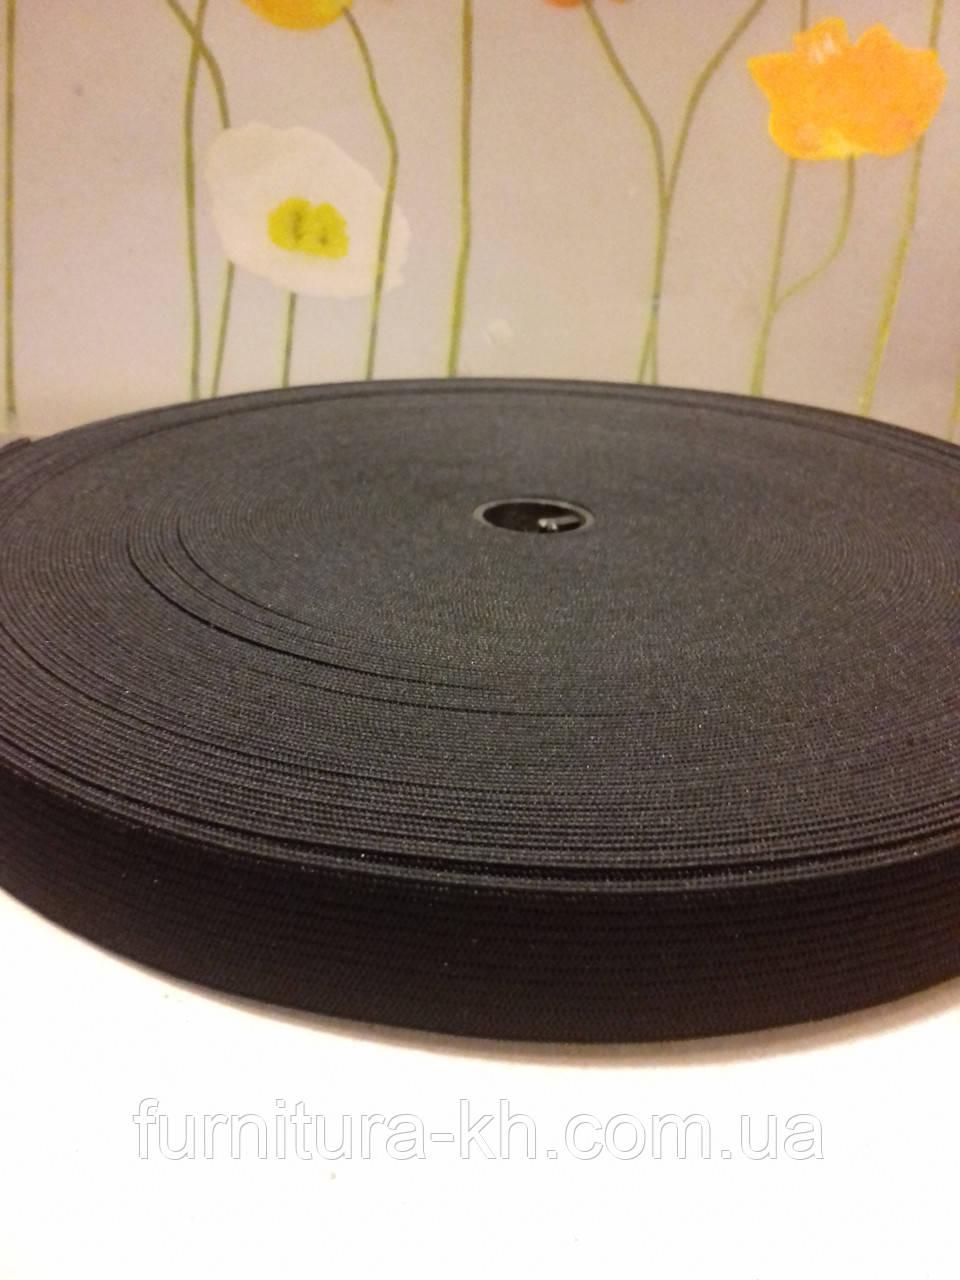 Резинка 2 см Черная в рулоне 40 метров